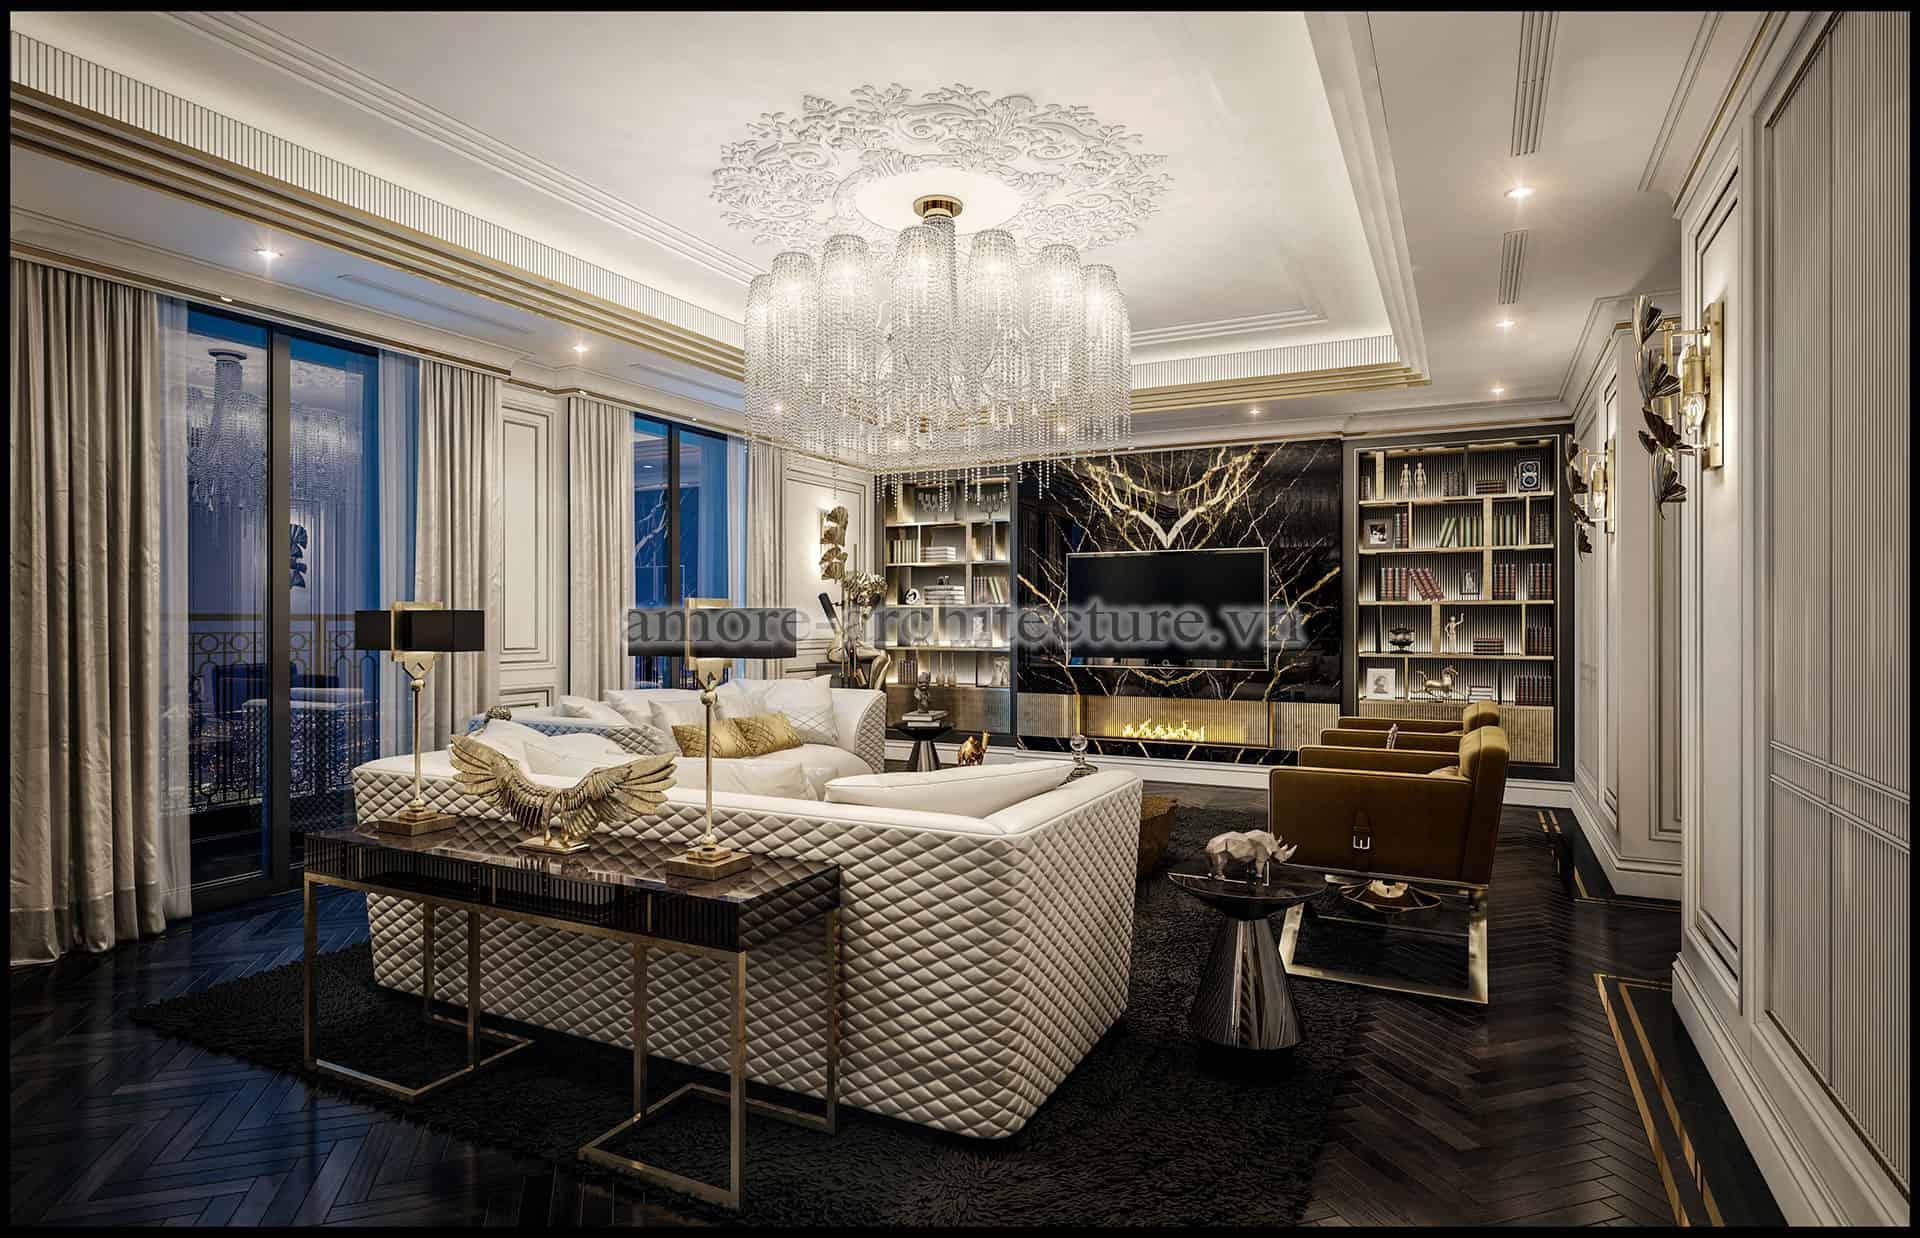 thiết kế nội thất chung cư cổ điển